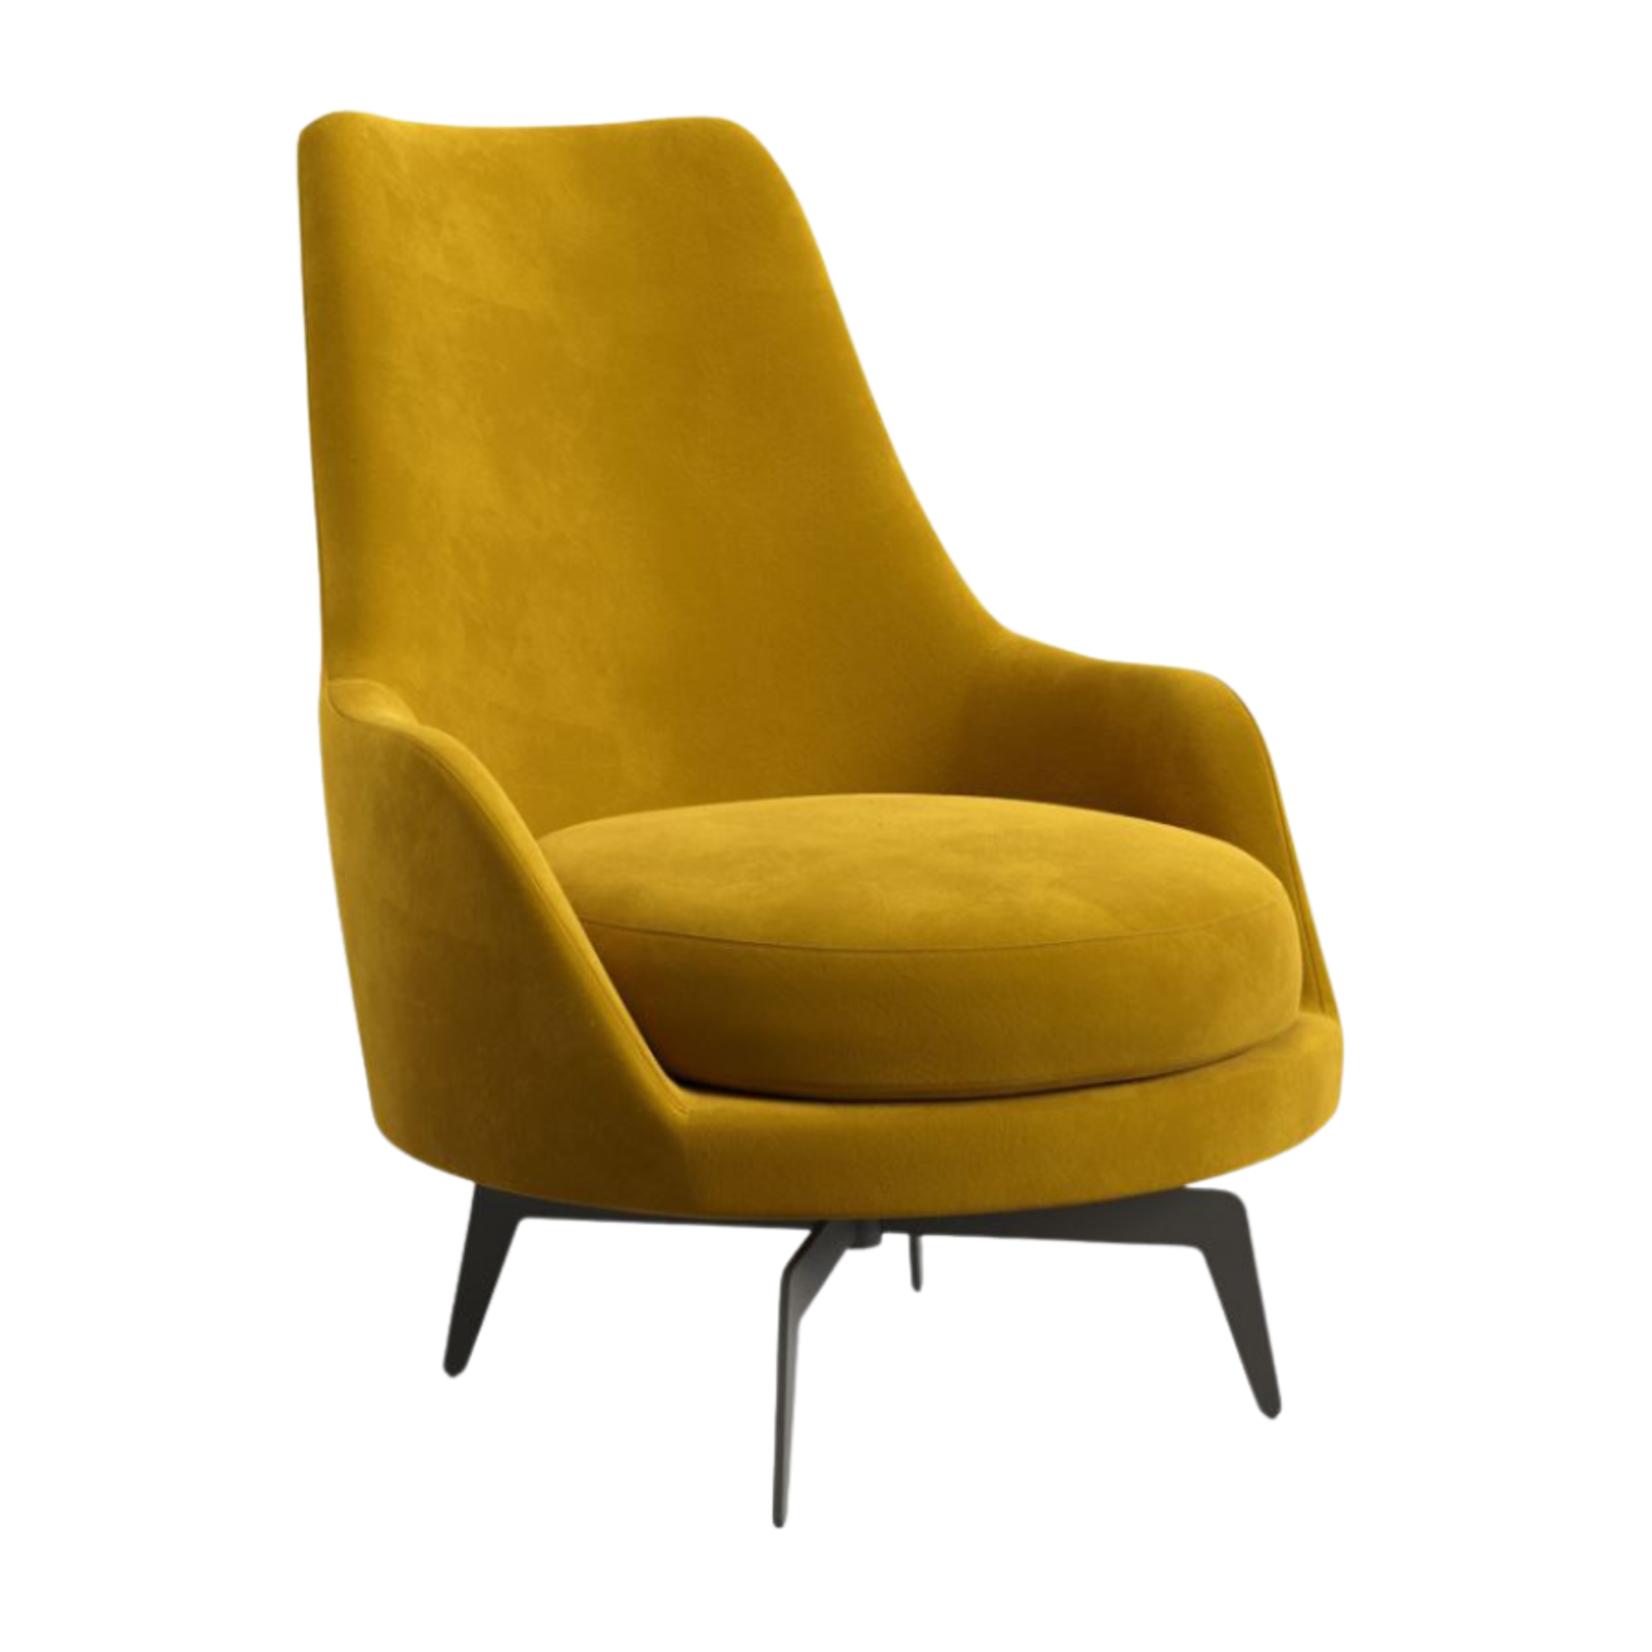 Harmony Studio New Palermo Chair